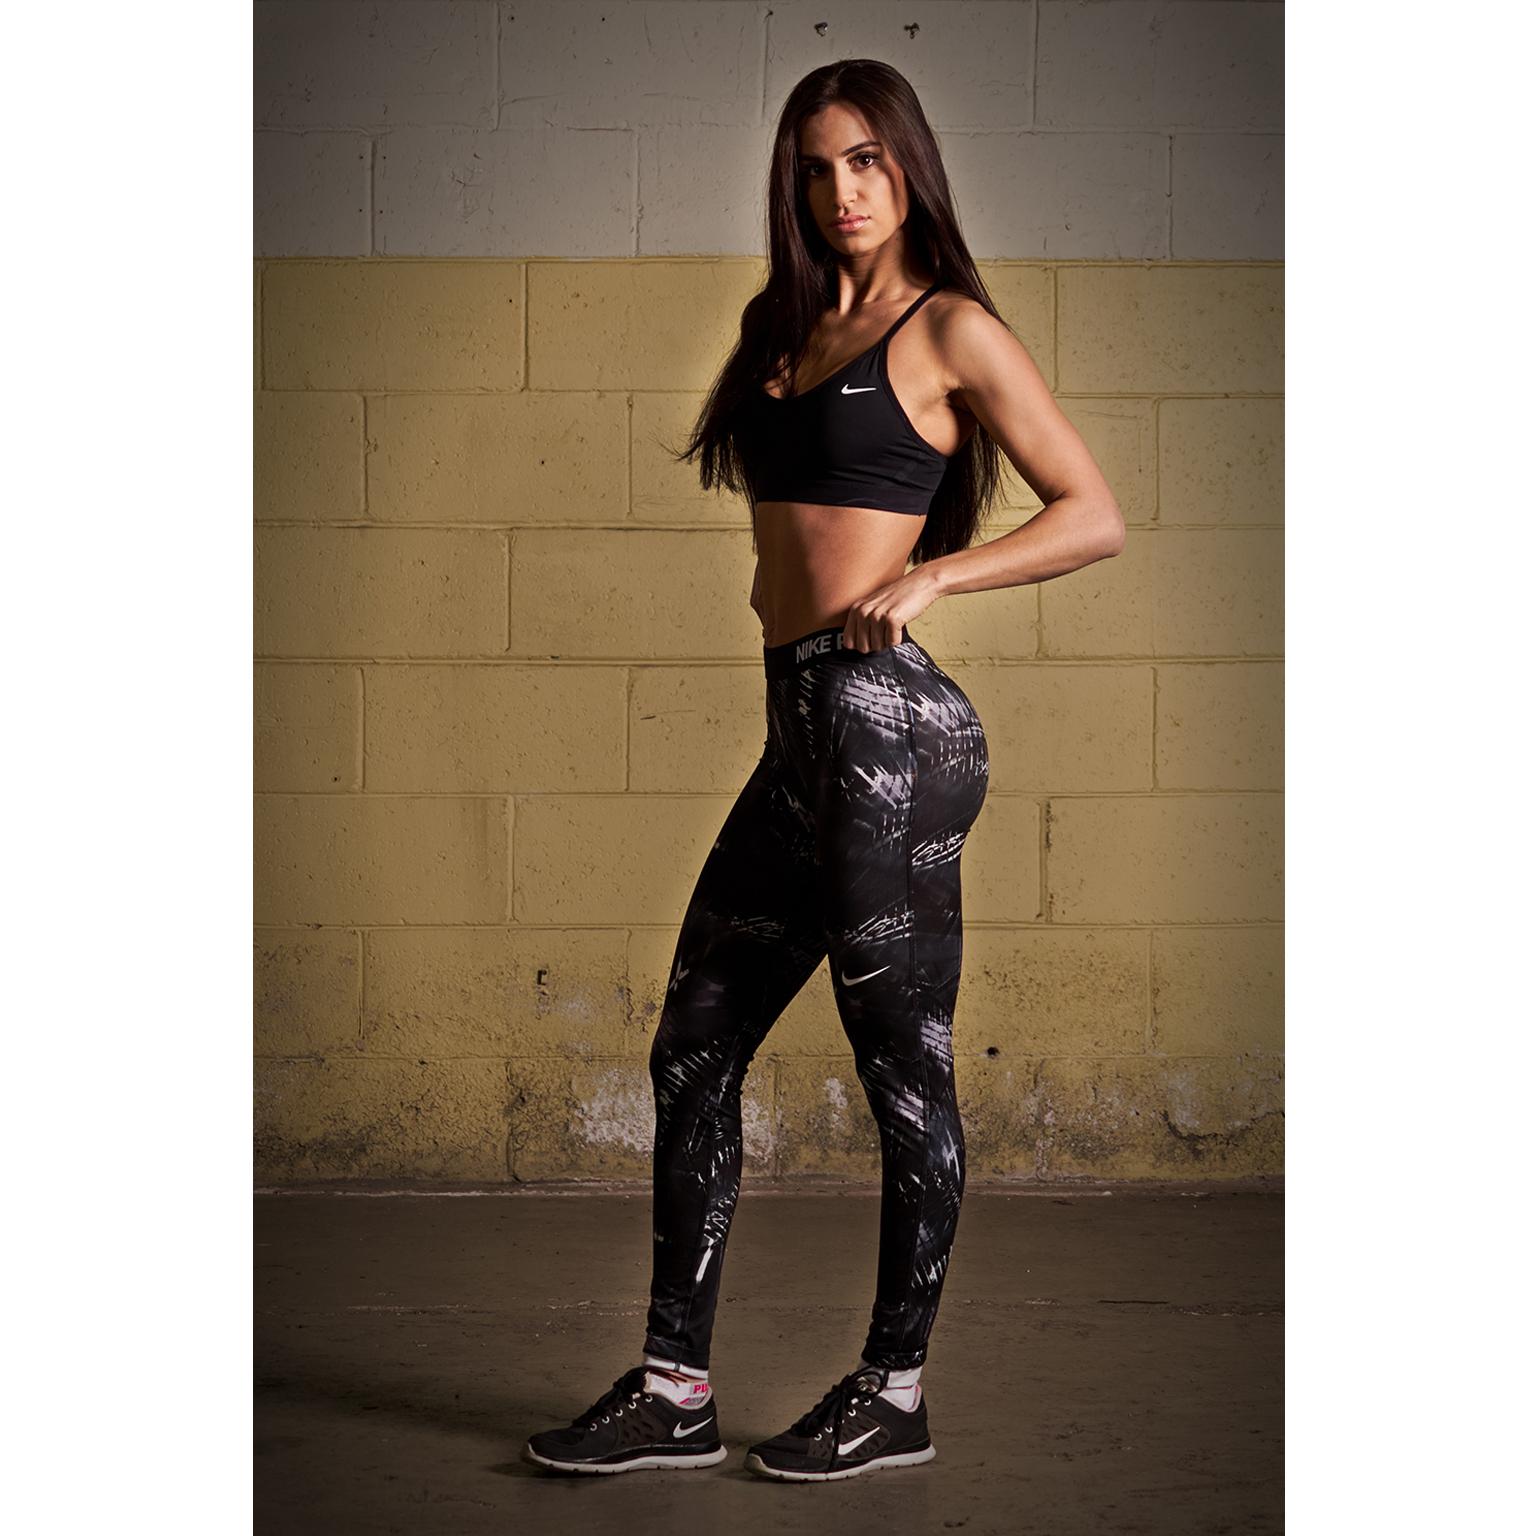 Toronto-Fitness-Model-Agency-Fitness-Nike-Commercial-Portrait-Elizabeth-Ruffolo